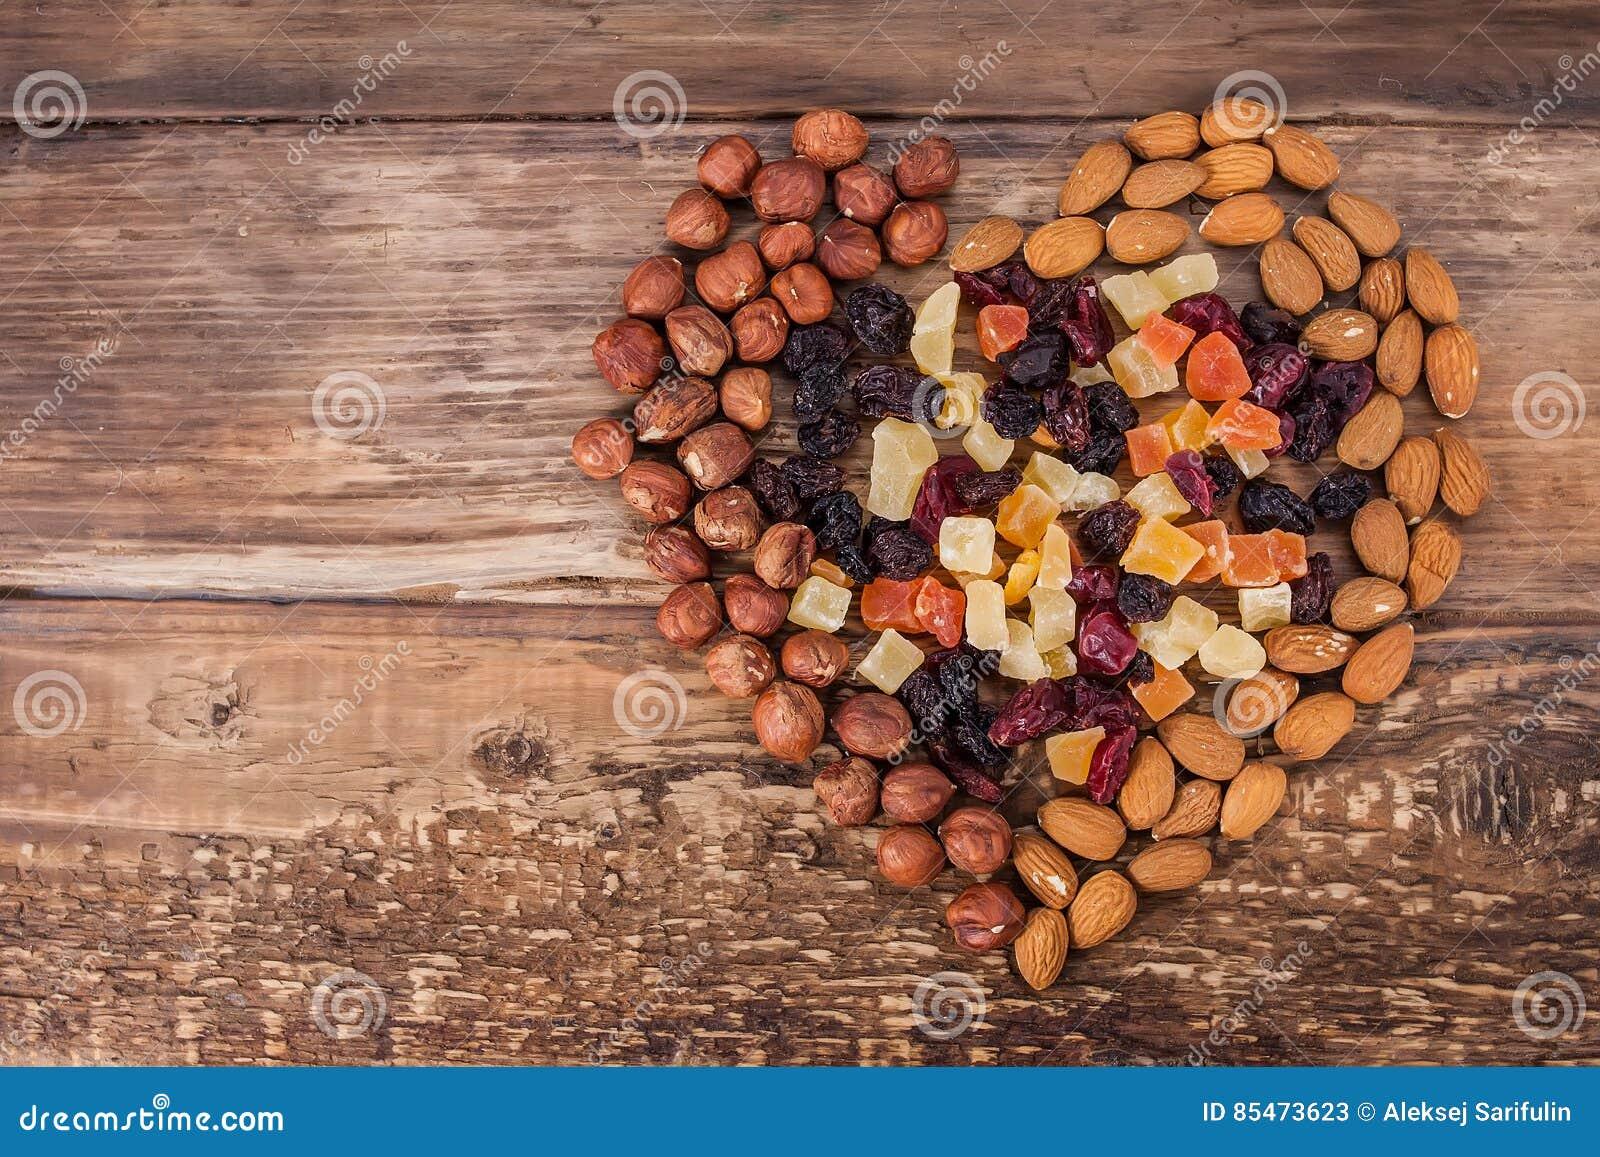 Olika sorter av muttrar och torkade frukter